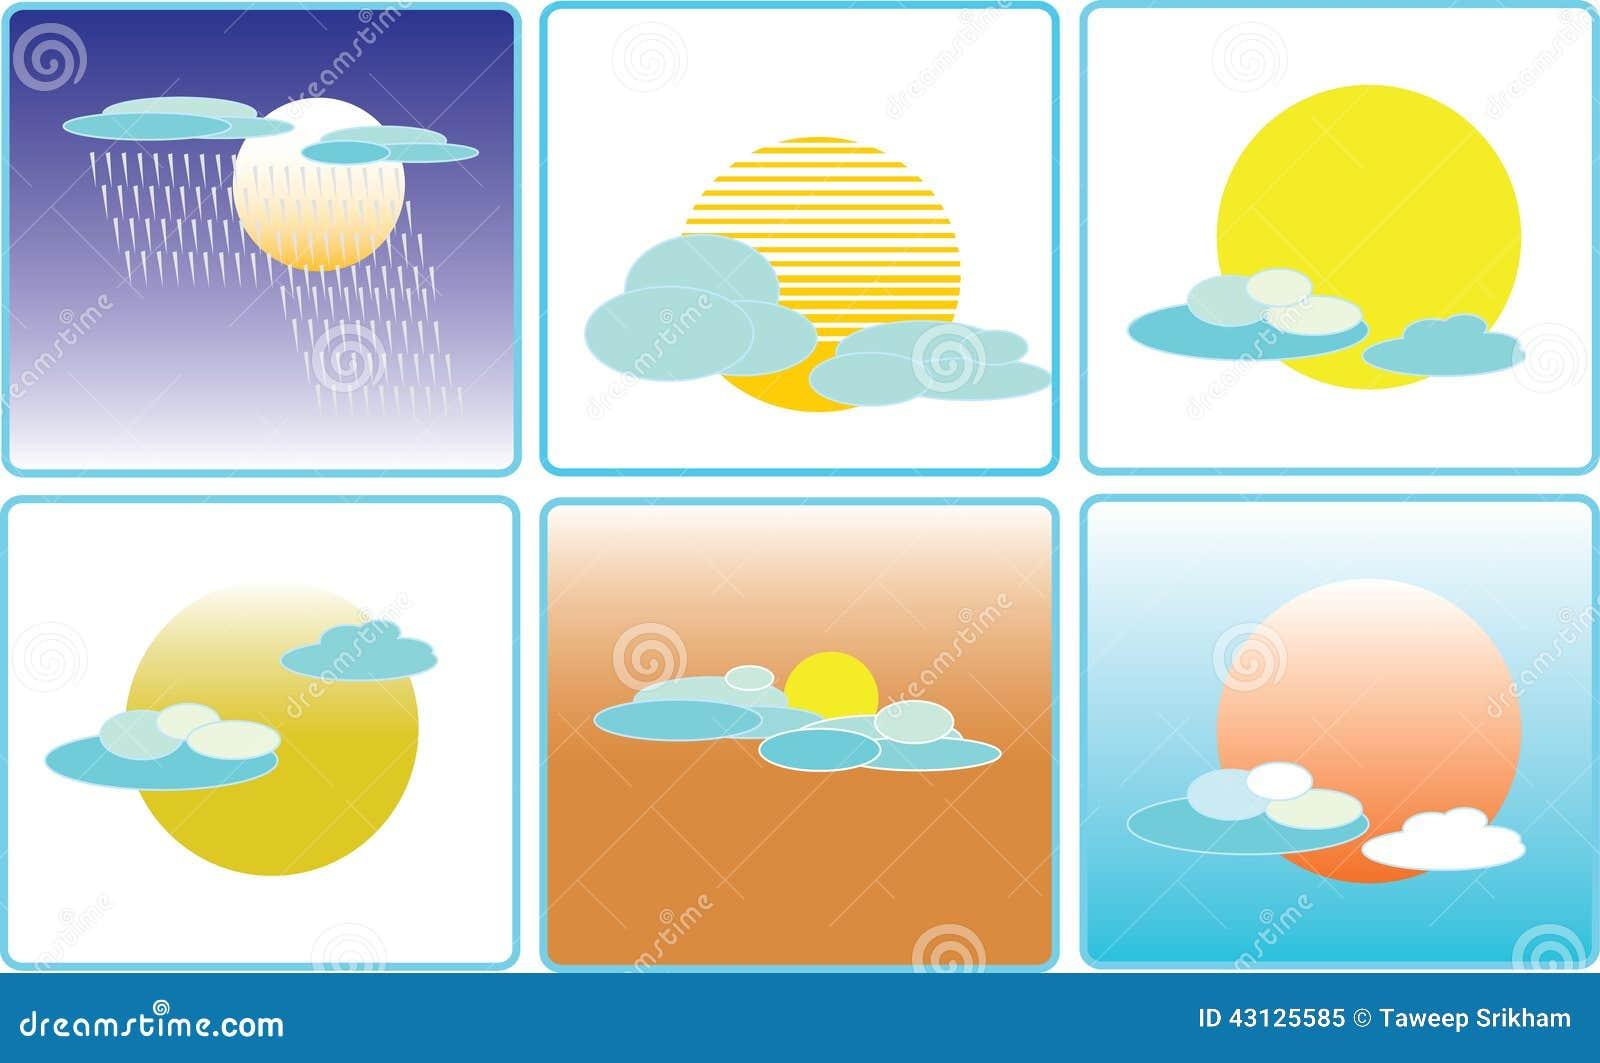 Ejemplo del icono del clima del tiempo de la nube y del - Tiempo en paracuellos del jarama ...